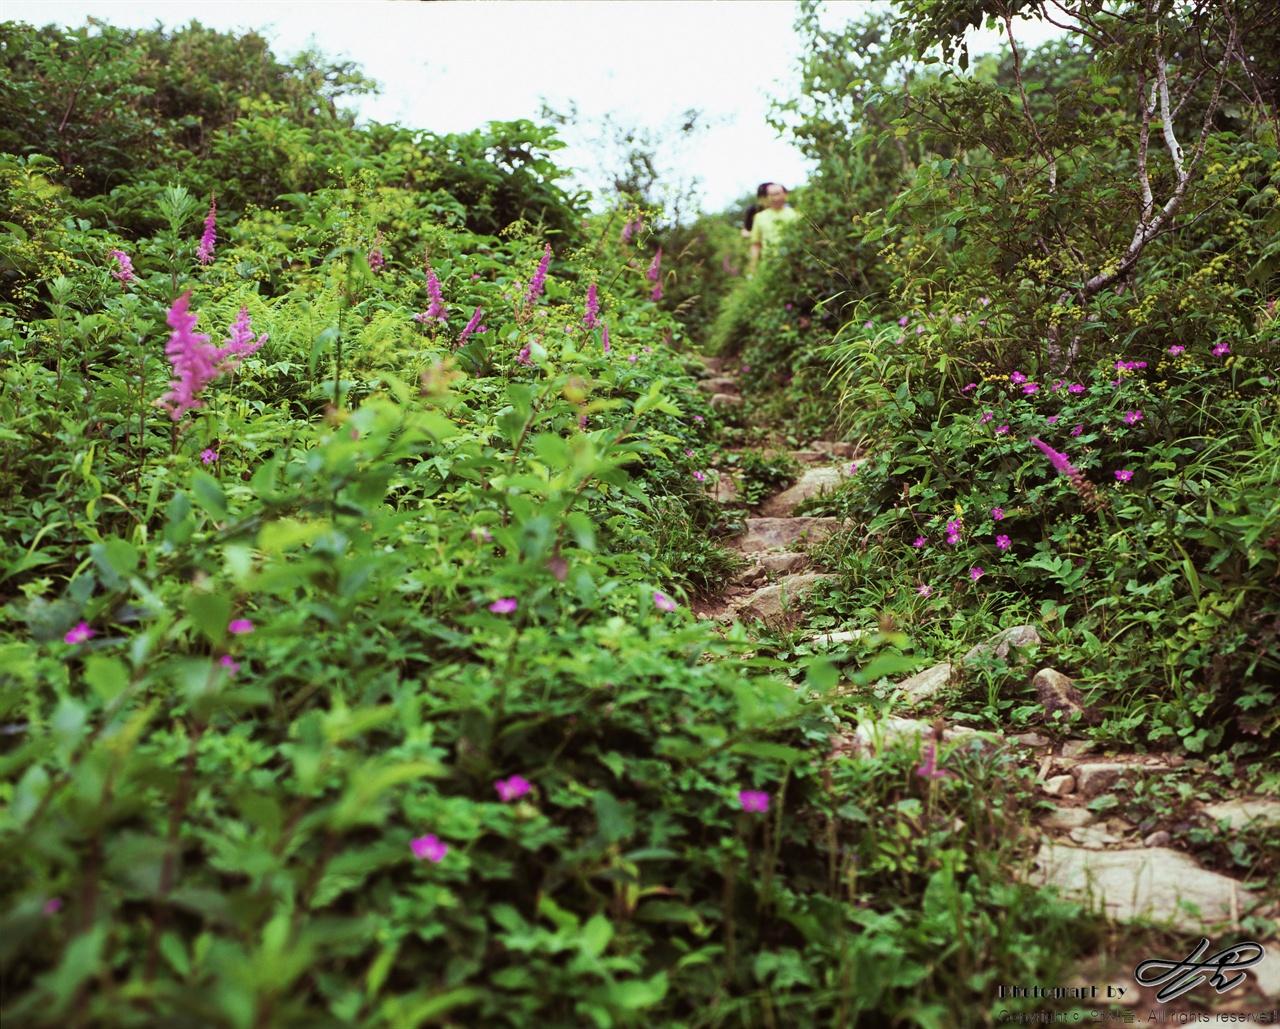 보라색 꽃들 (67ii/Veivia100)임도가 끝나고 정상으로 가는 100미터 남짓의 등산로. 보랏빛 꽃들이 반겨주고 있었다.